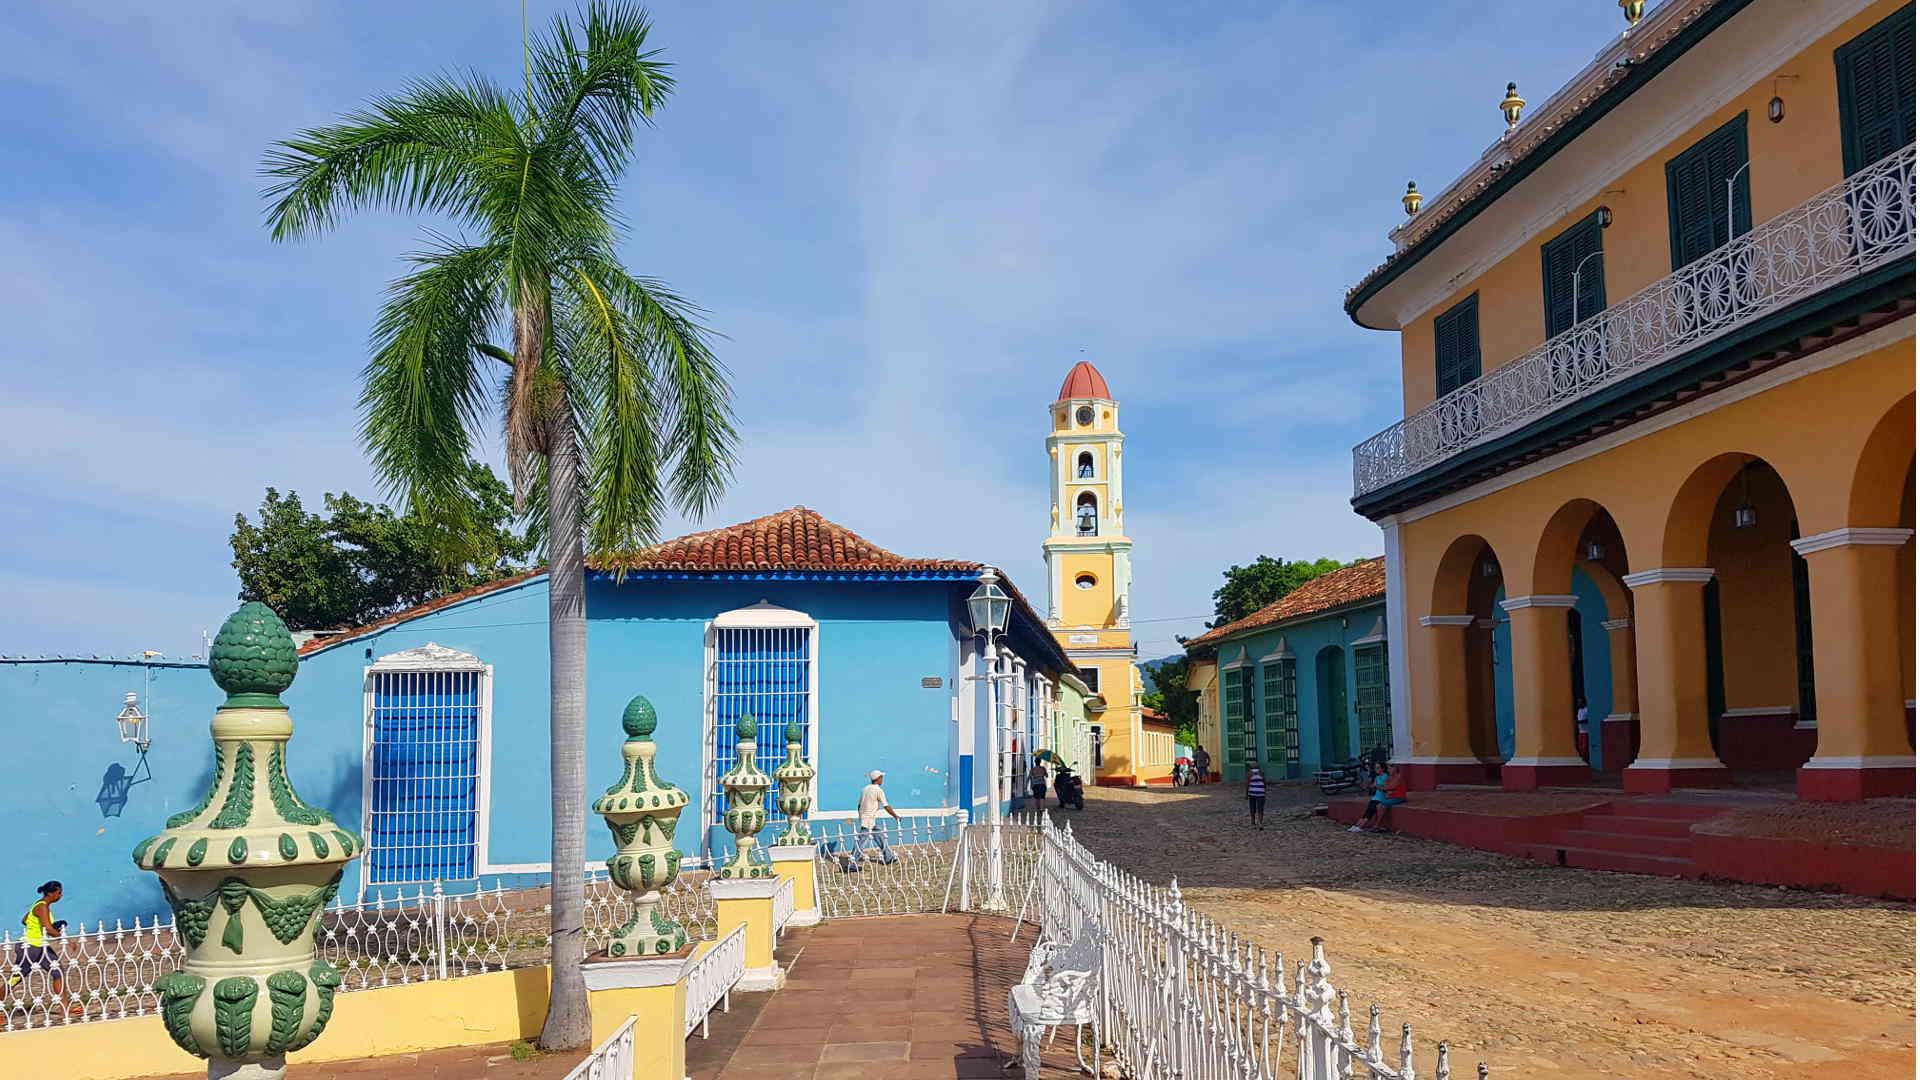 Nuestro viaje a Cuba: Trinidad